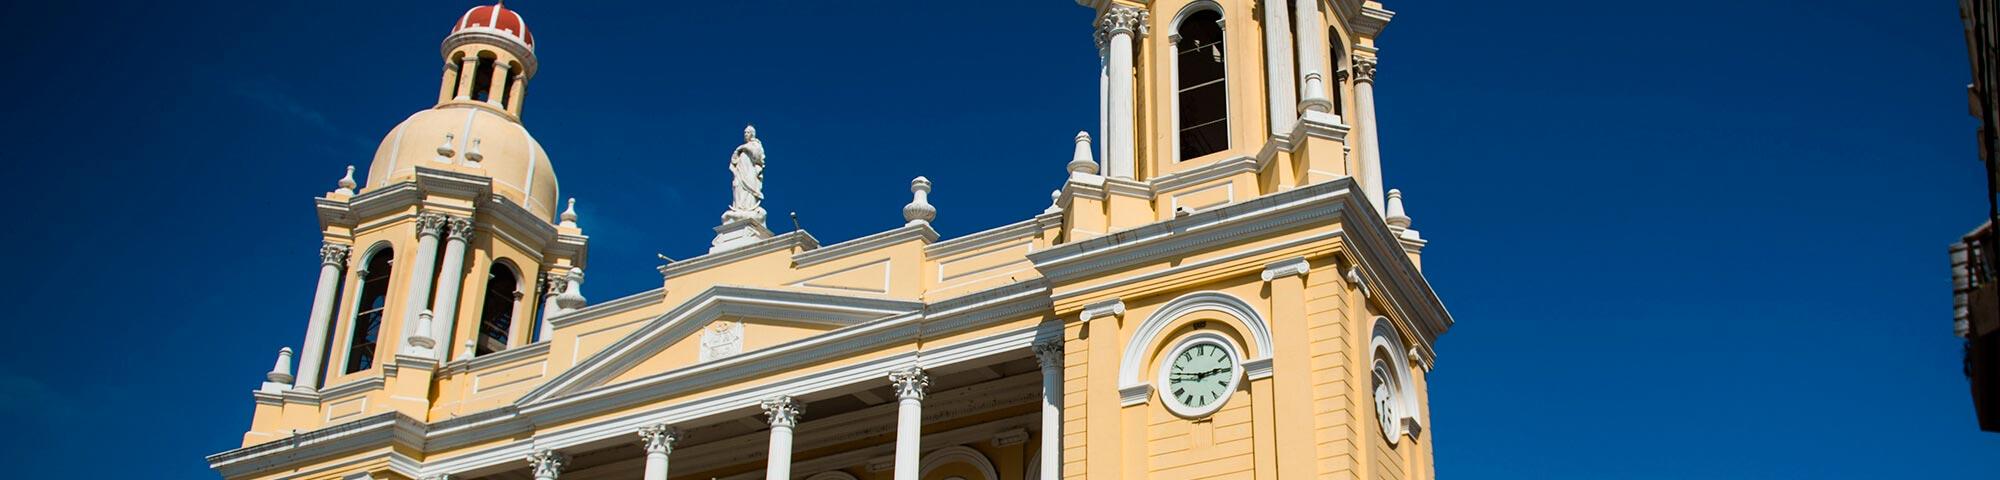 Iglesia Santa María Catedral